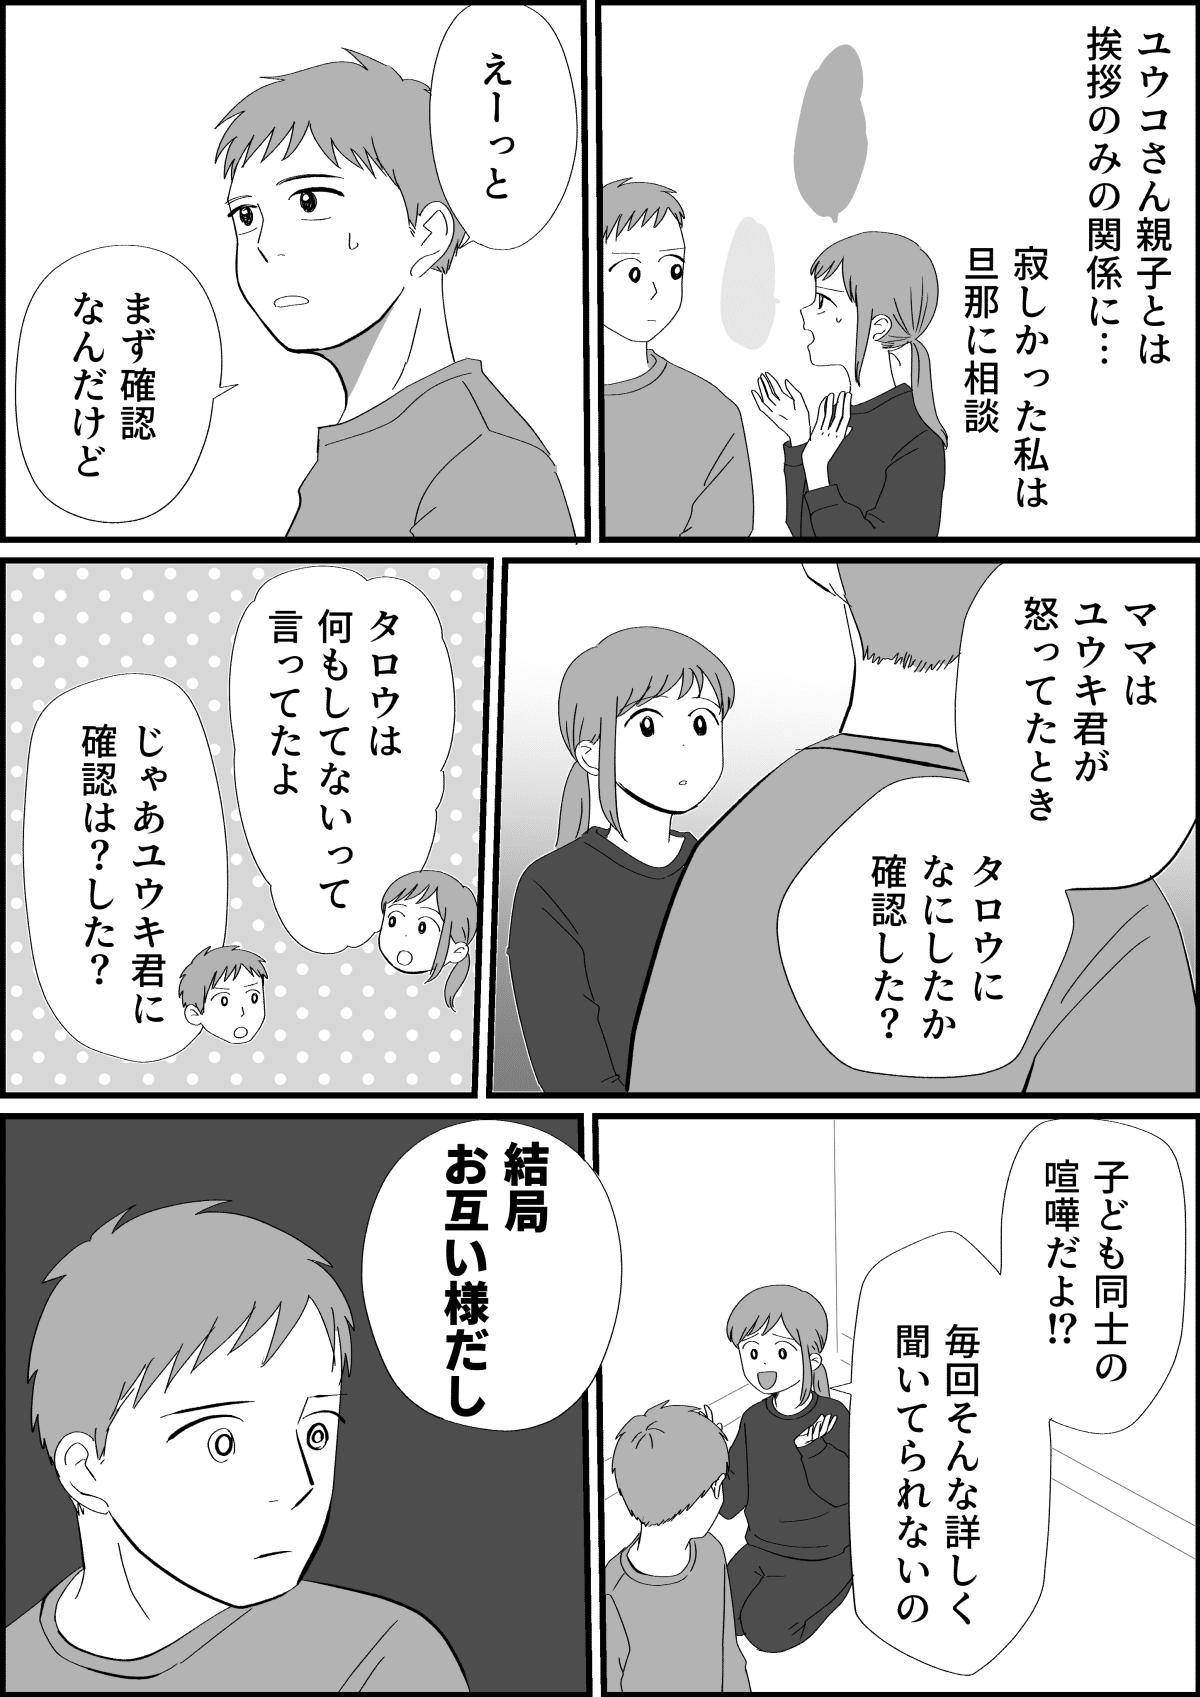 コミック_007 (2)